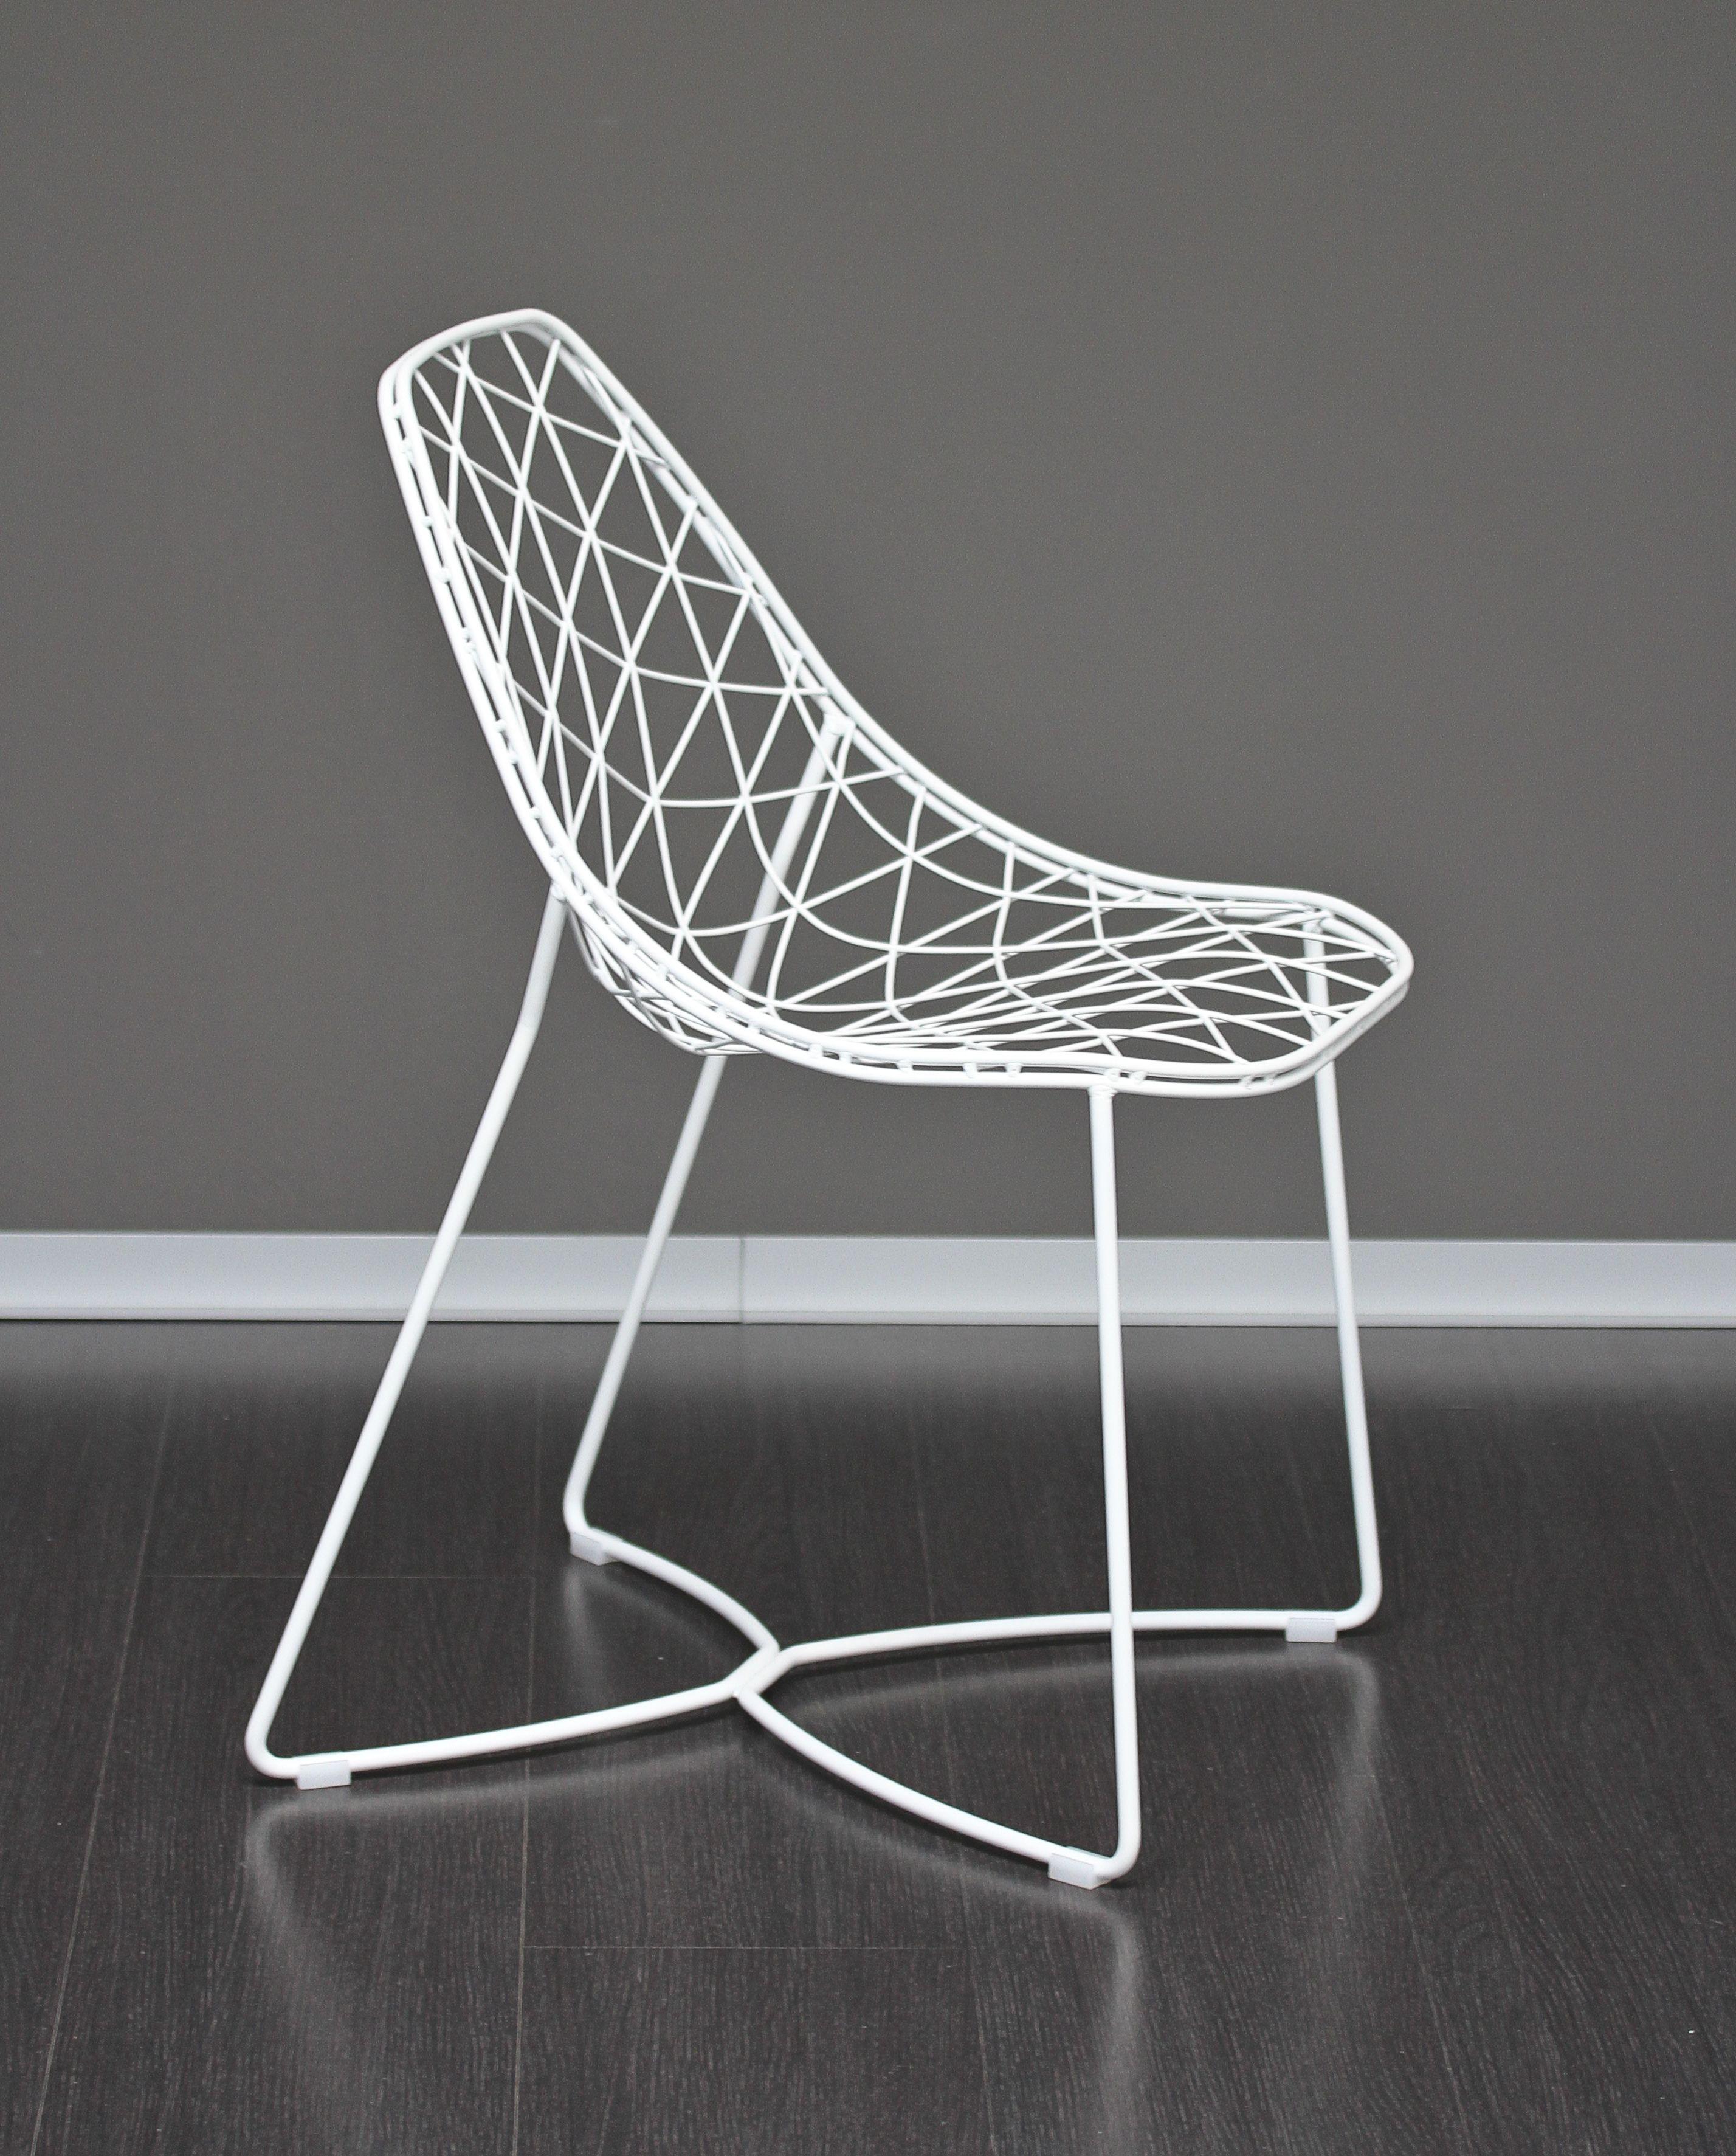 Stuhl Weiss Metall Stuhl Metall Mobel Landhausstil Metallstuhle